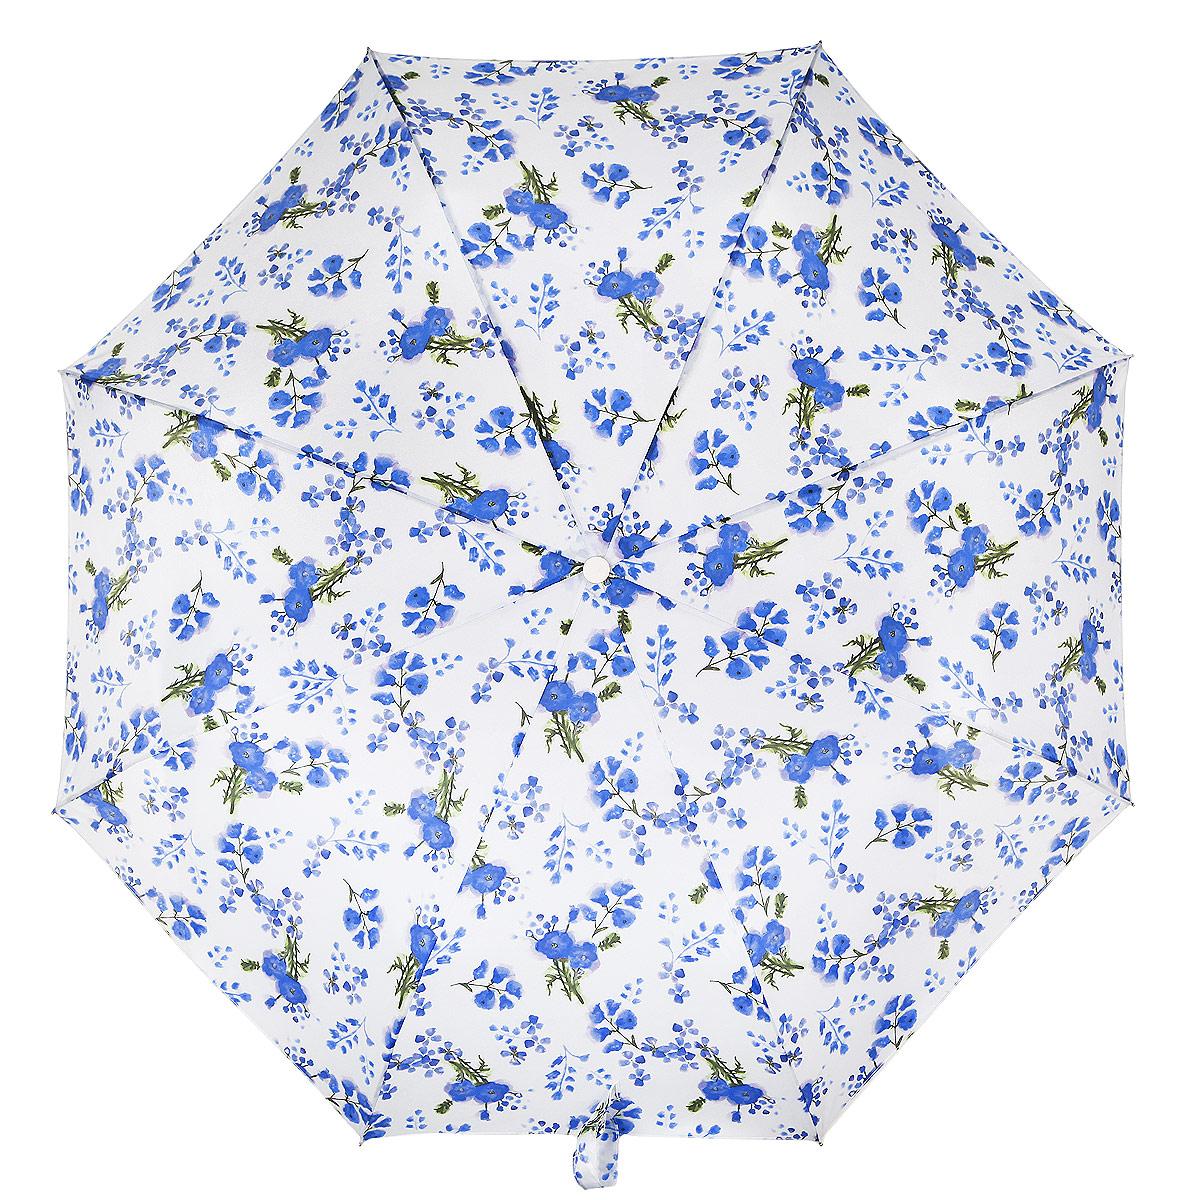 """Зонт женский Fulton """"Minilite-2. Poppy Bloom"""", механический , 3 сложения, цвет: голубой, белый, зеленый. L354-2938"""